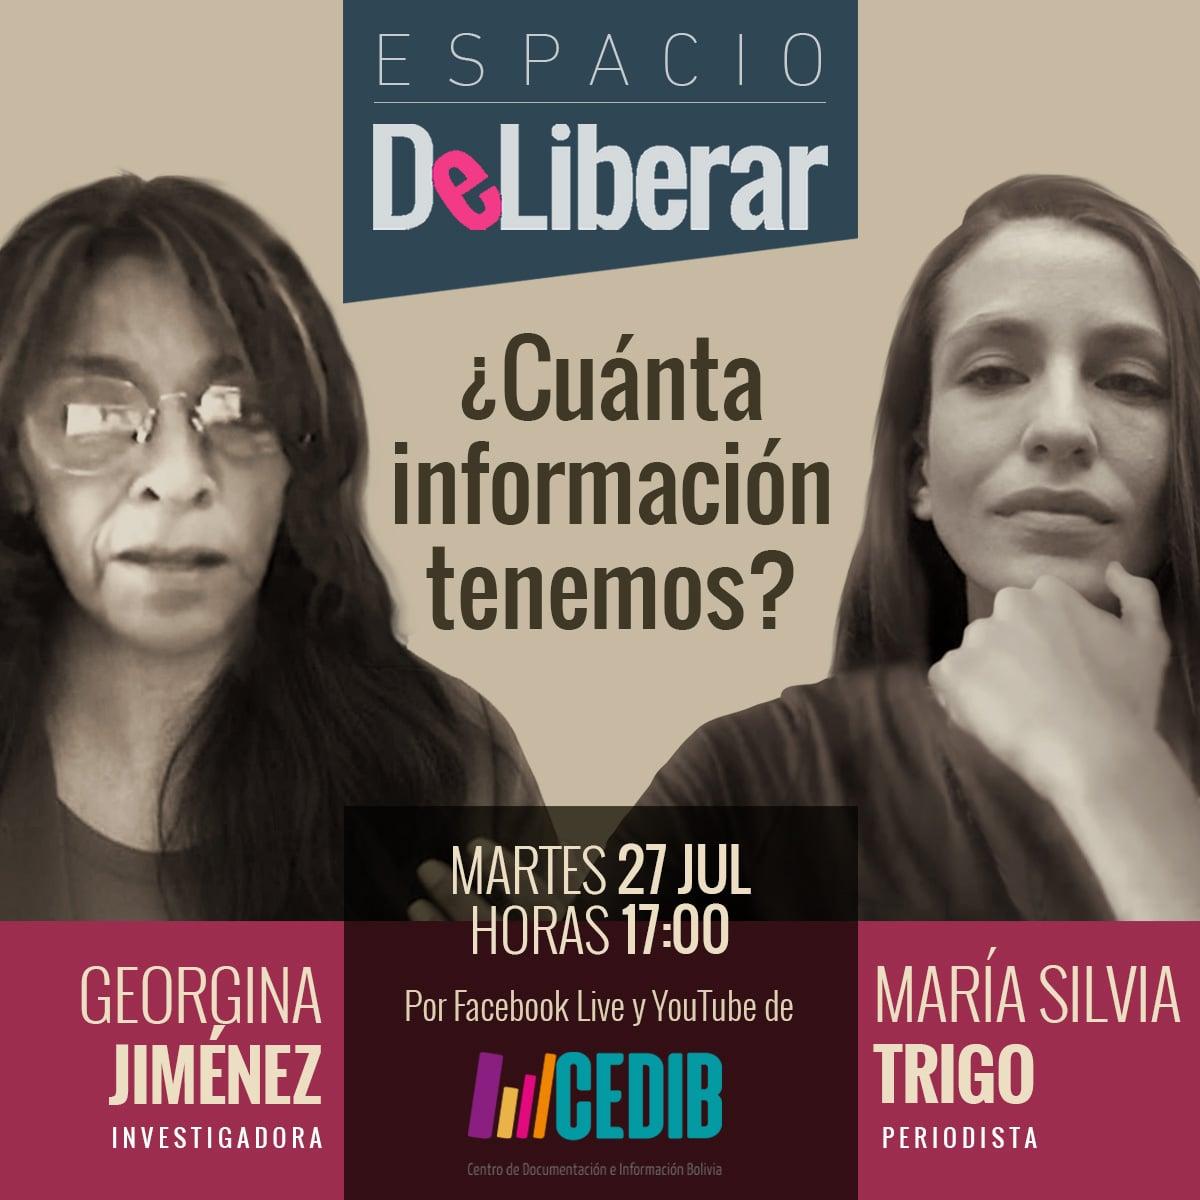 Derecho acceso a información en Bolivia